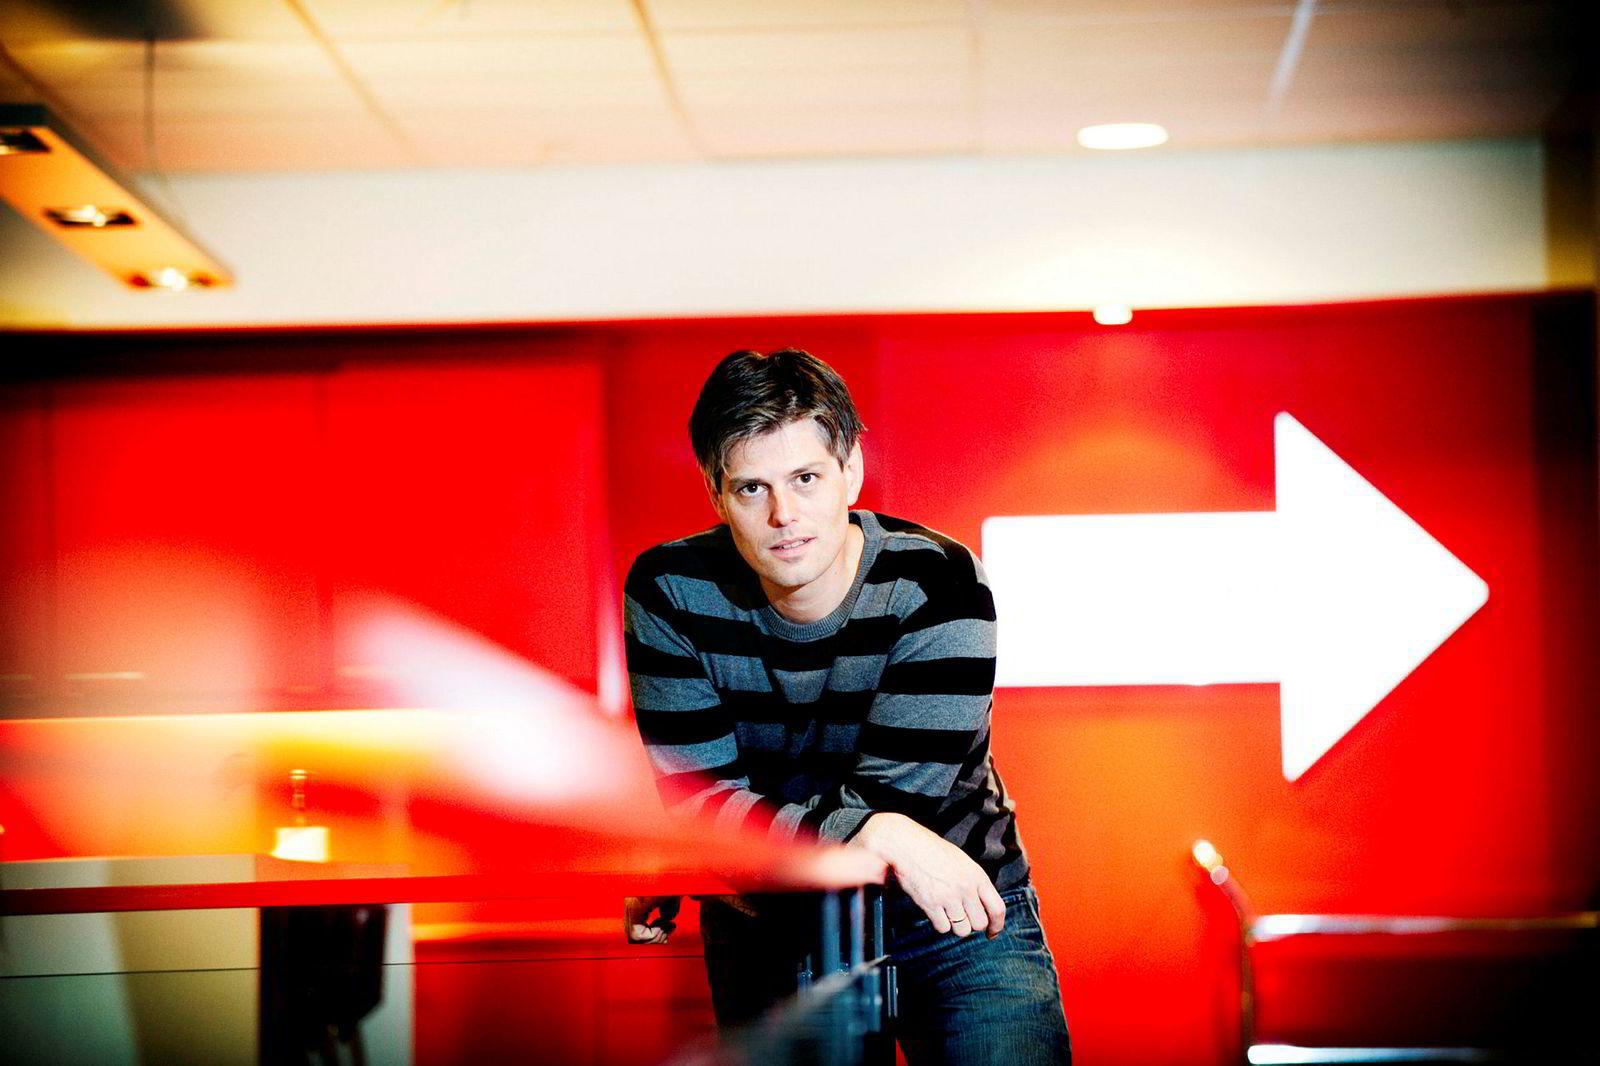 Lærer Håvard Tjora er kjent gjennom tv-serien«Blanke ark». Han tror roboter vil kunne være et godt supplement i undervisningen.